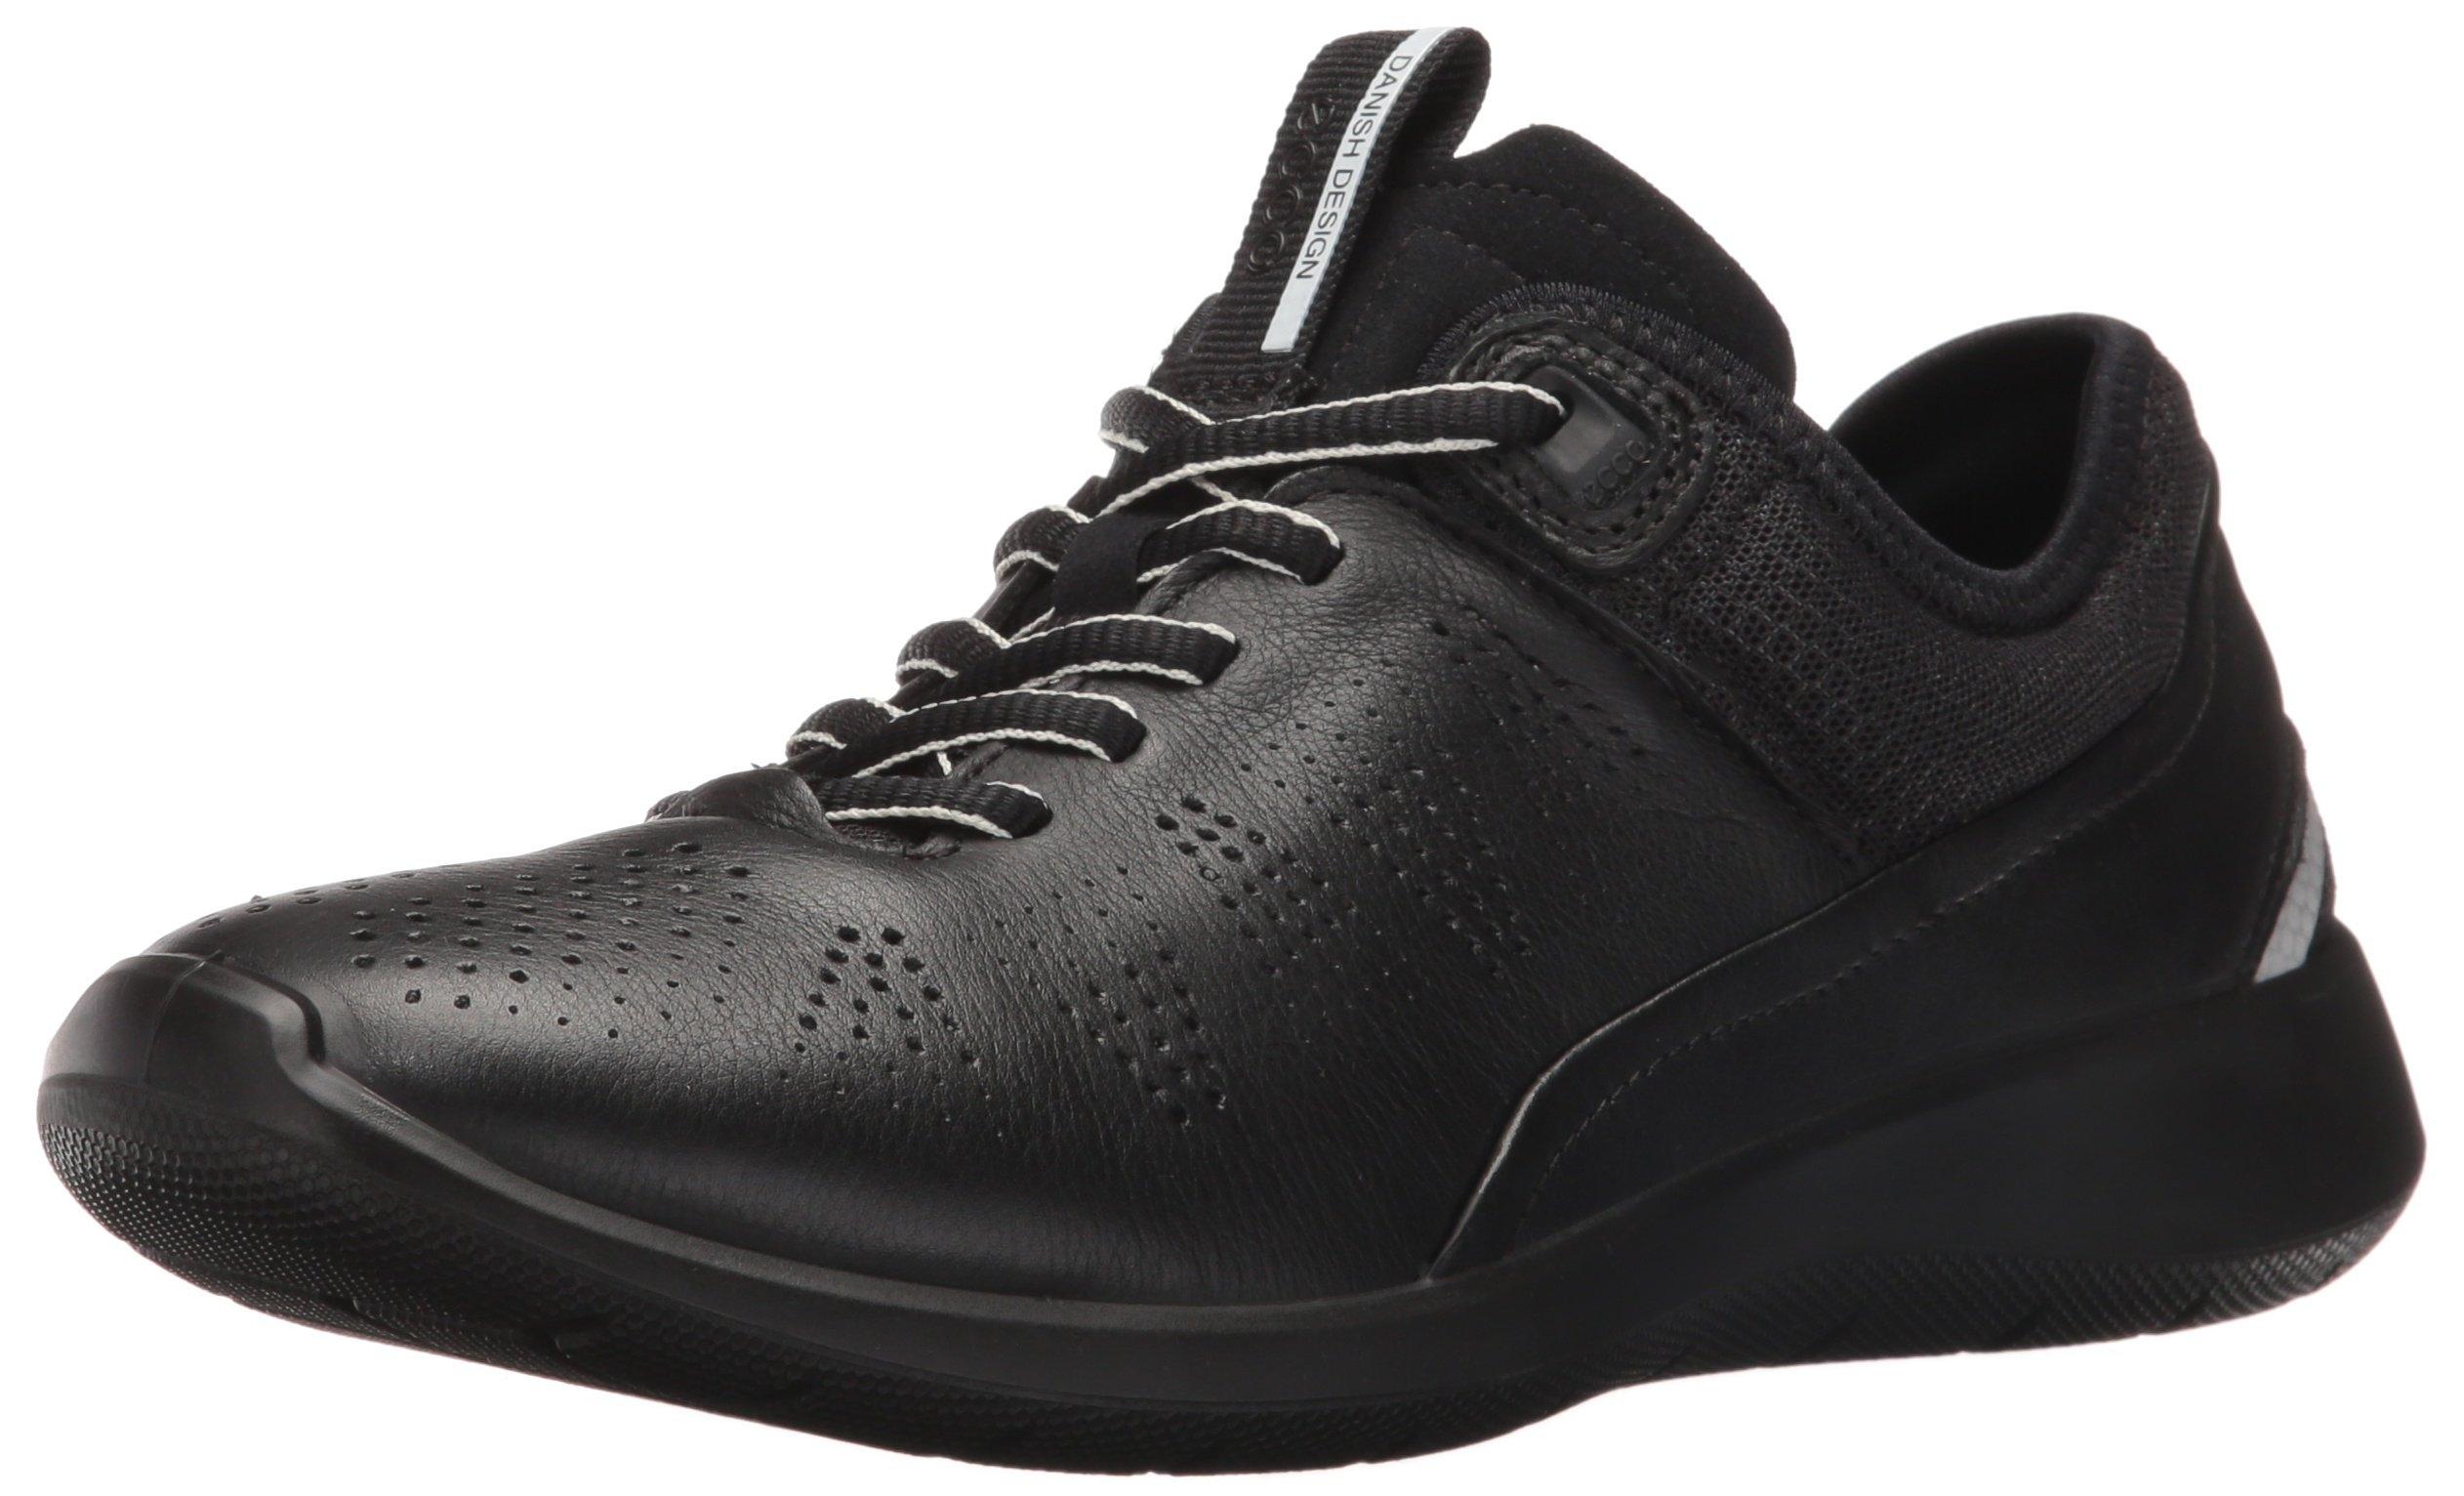 ECCO Women's Women's Soft 5 Sneaker Oxford, Black/Black/Concrete, 42 EU/11-11.5 M US